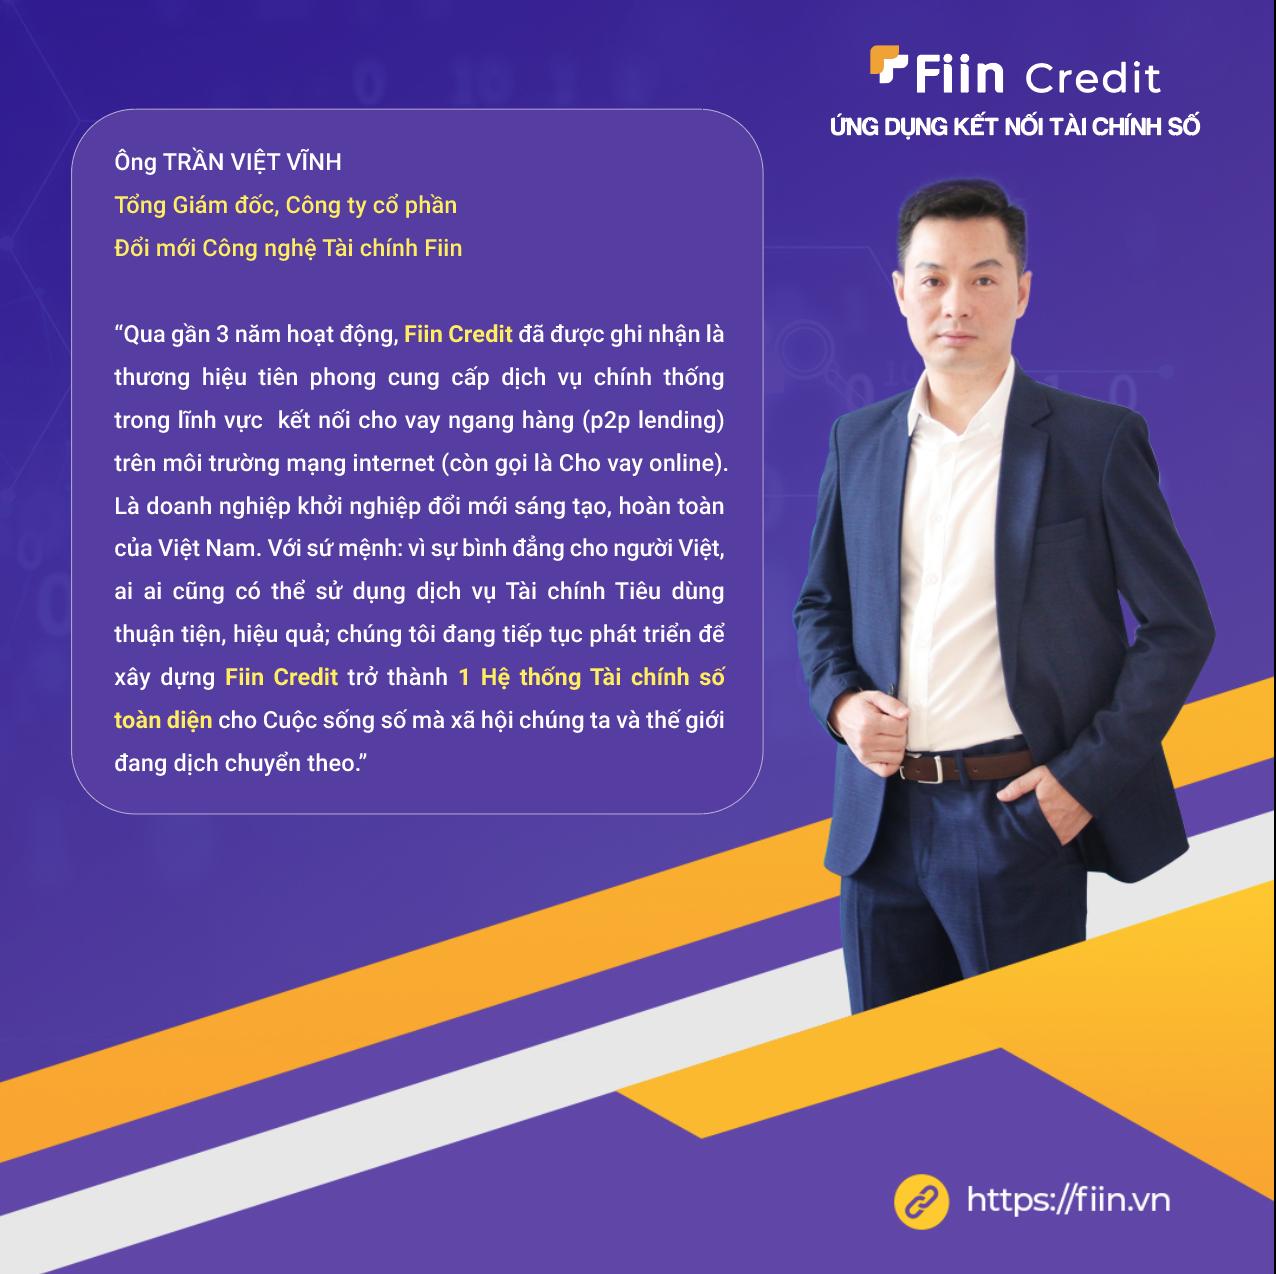 CEO của Fiin - ông Trần Việt Vĩnh đã có kinh nghiệm gần 20 năm làm việc trong lĩnh vực tài chính